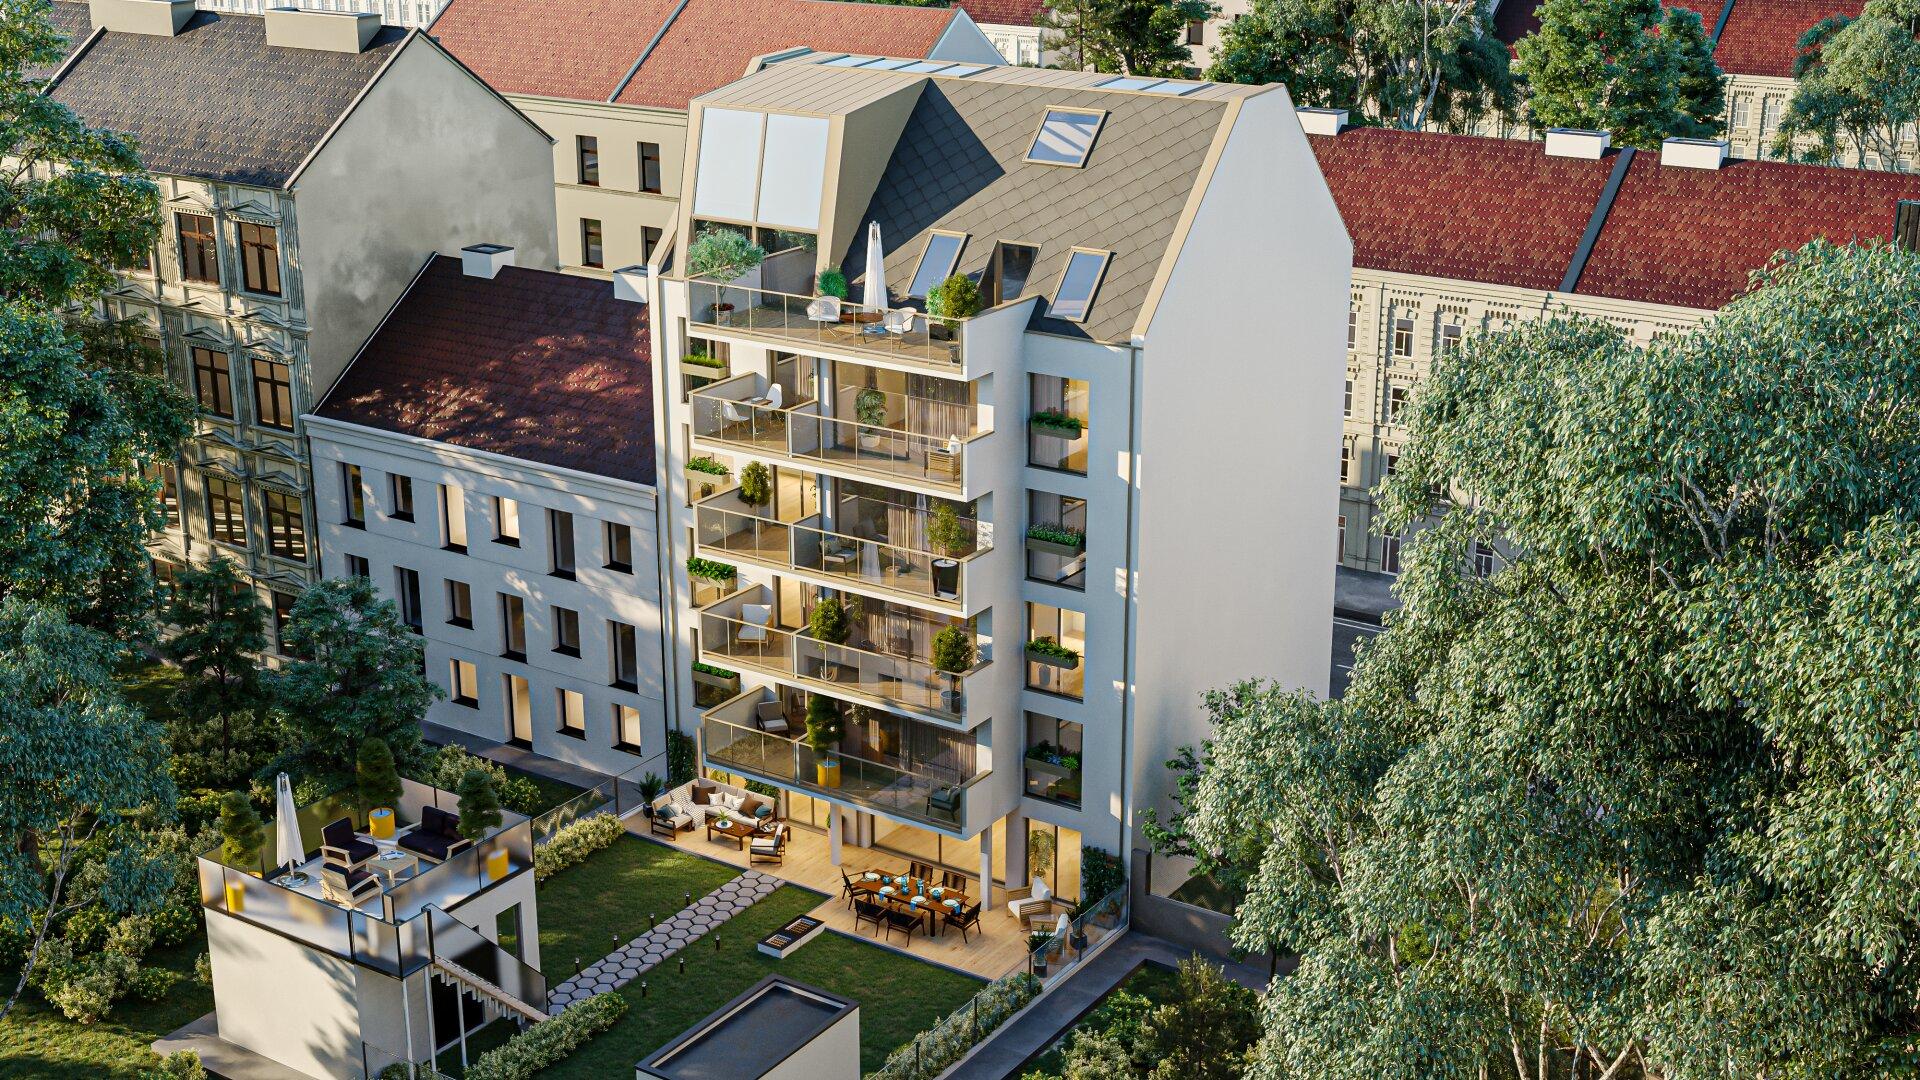 KLOPSTOCK - Wohnen mit Anspruch & Stil (Projektansicht)